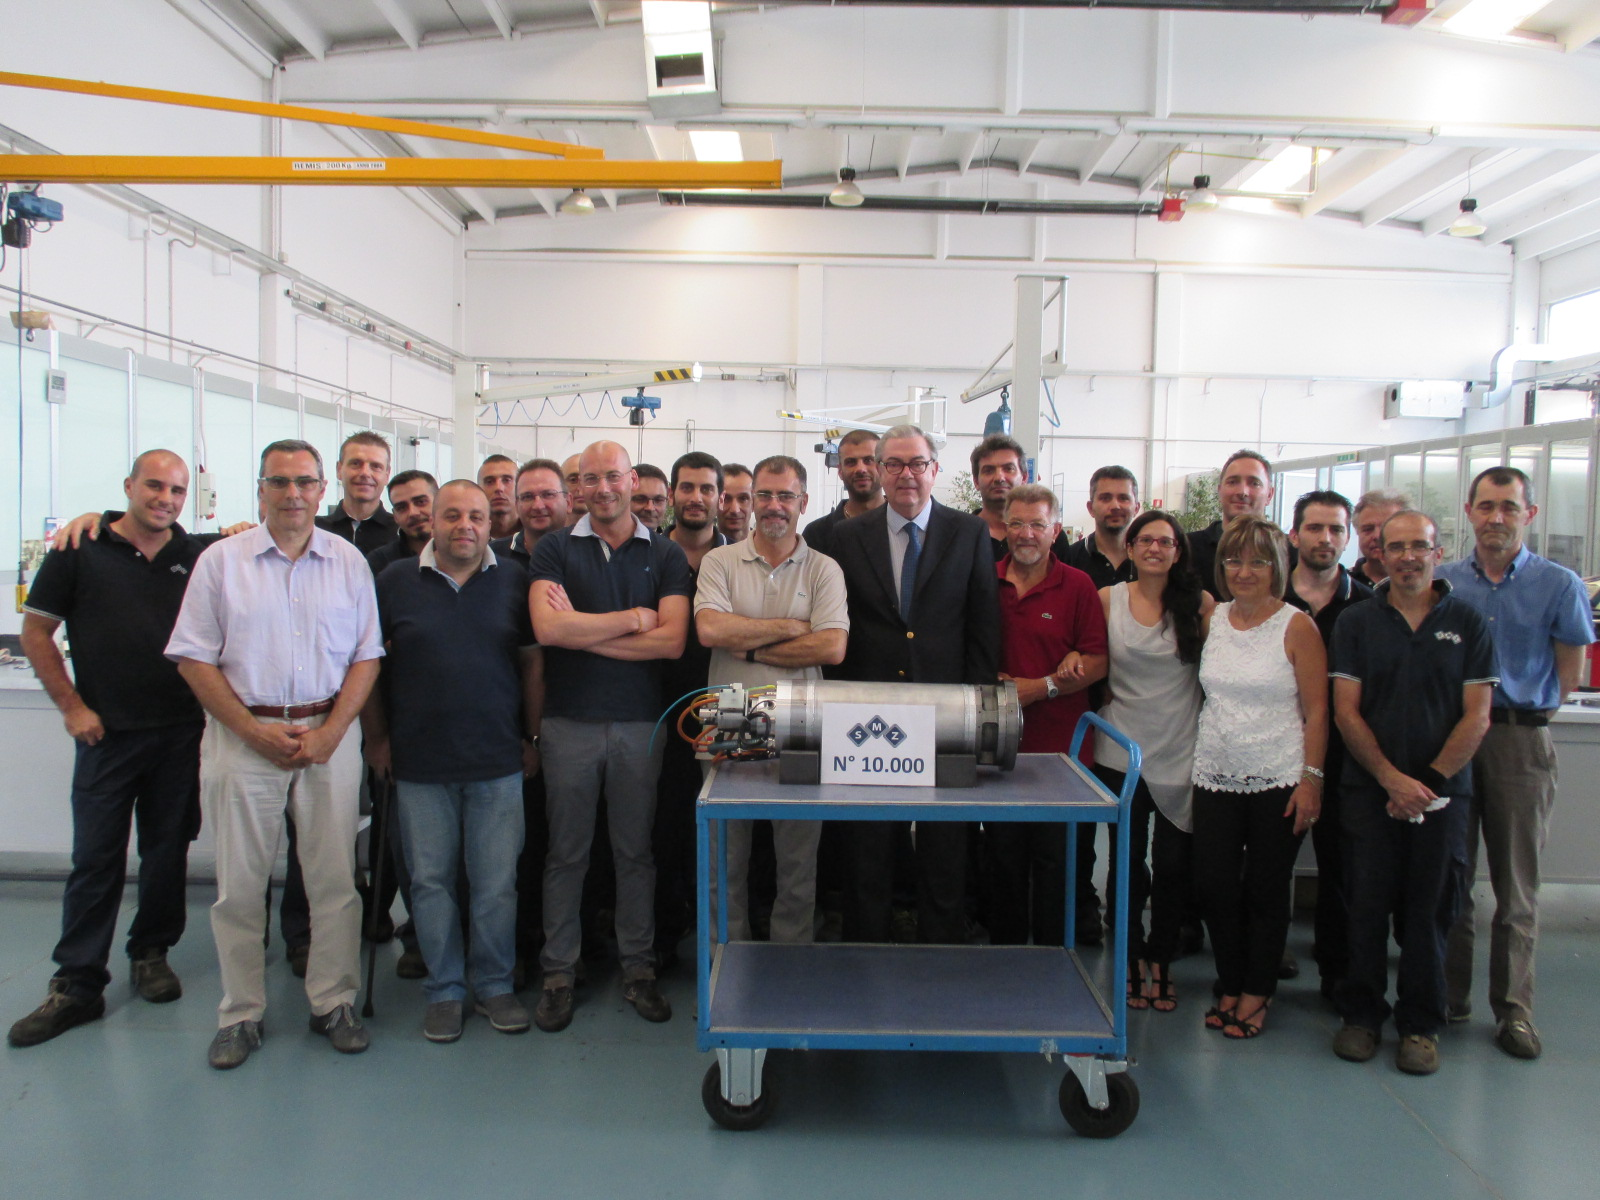 Nel 2015 SMZ Italia ha raggiunto il numero di 10.000 mandrini riparati nell'arco di una vicenda imprenditoriale che nel 2018 compirà vent'anni | SMZ Italia